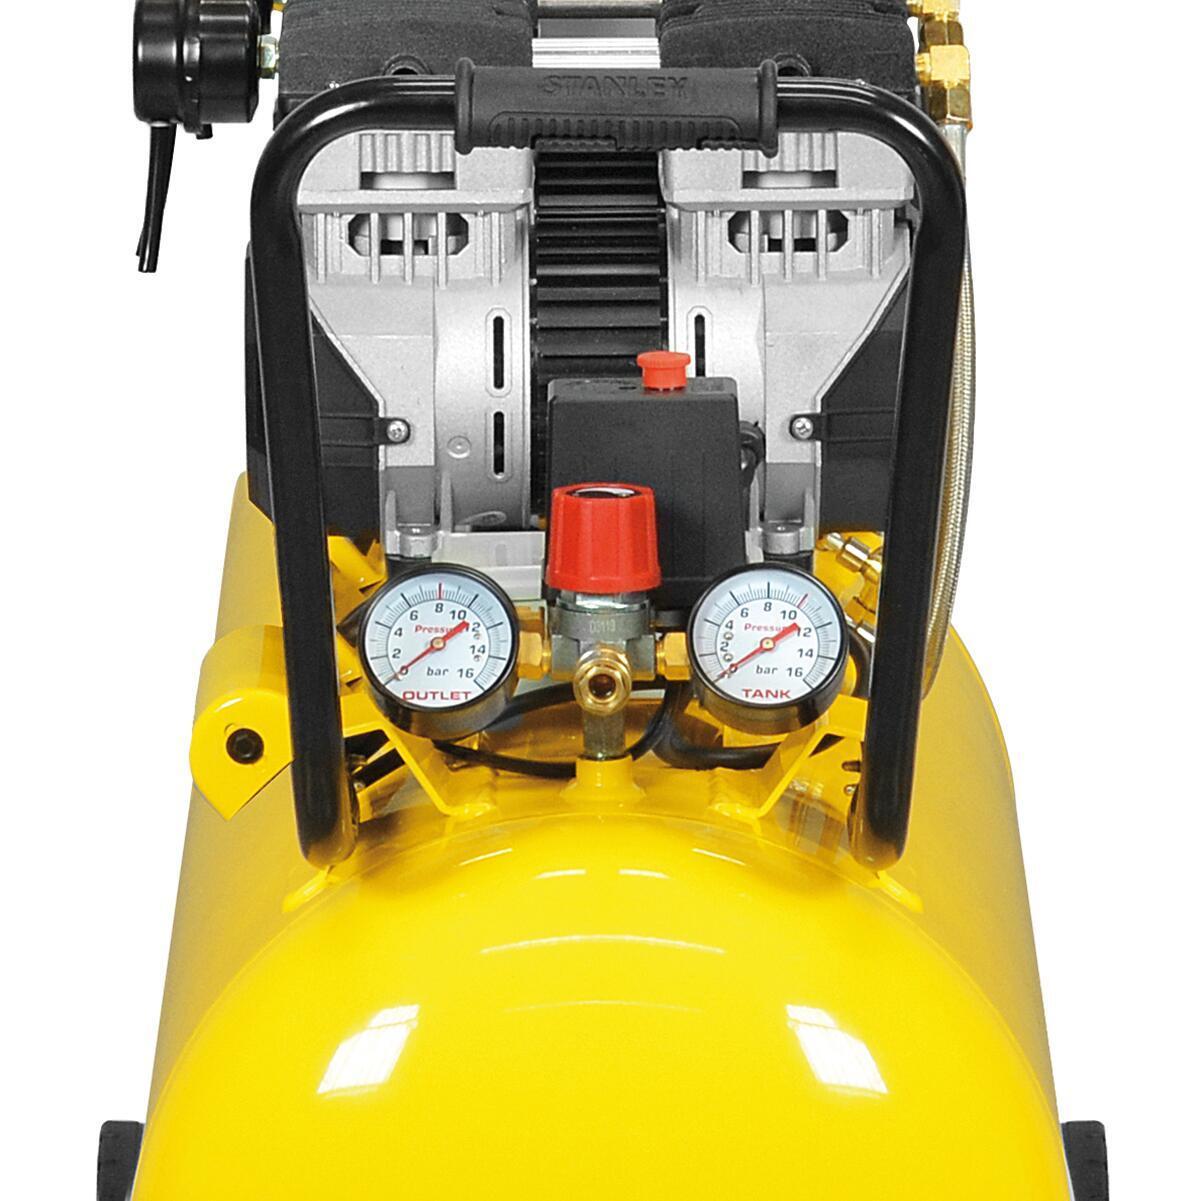 Compressore silenziato STANLEY SXCMS30103E, 3 hp, 8 bar, 100 L - 5